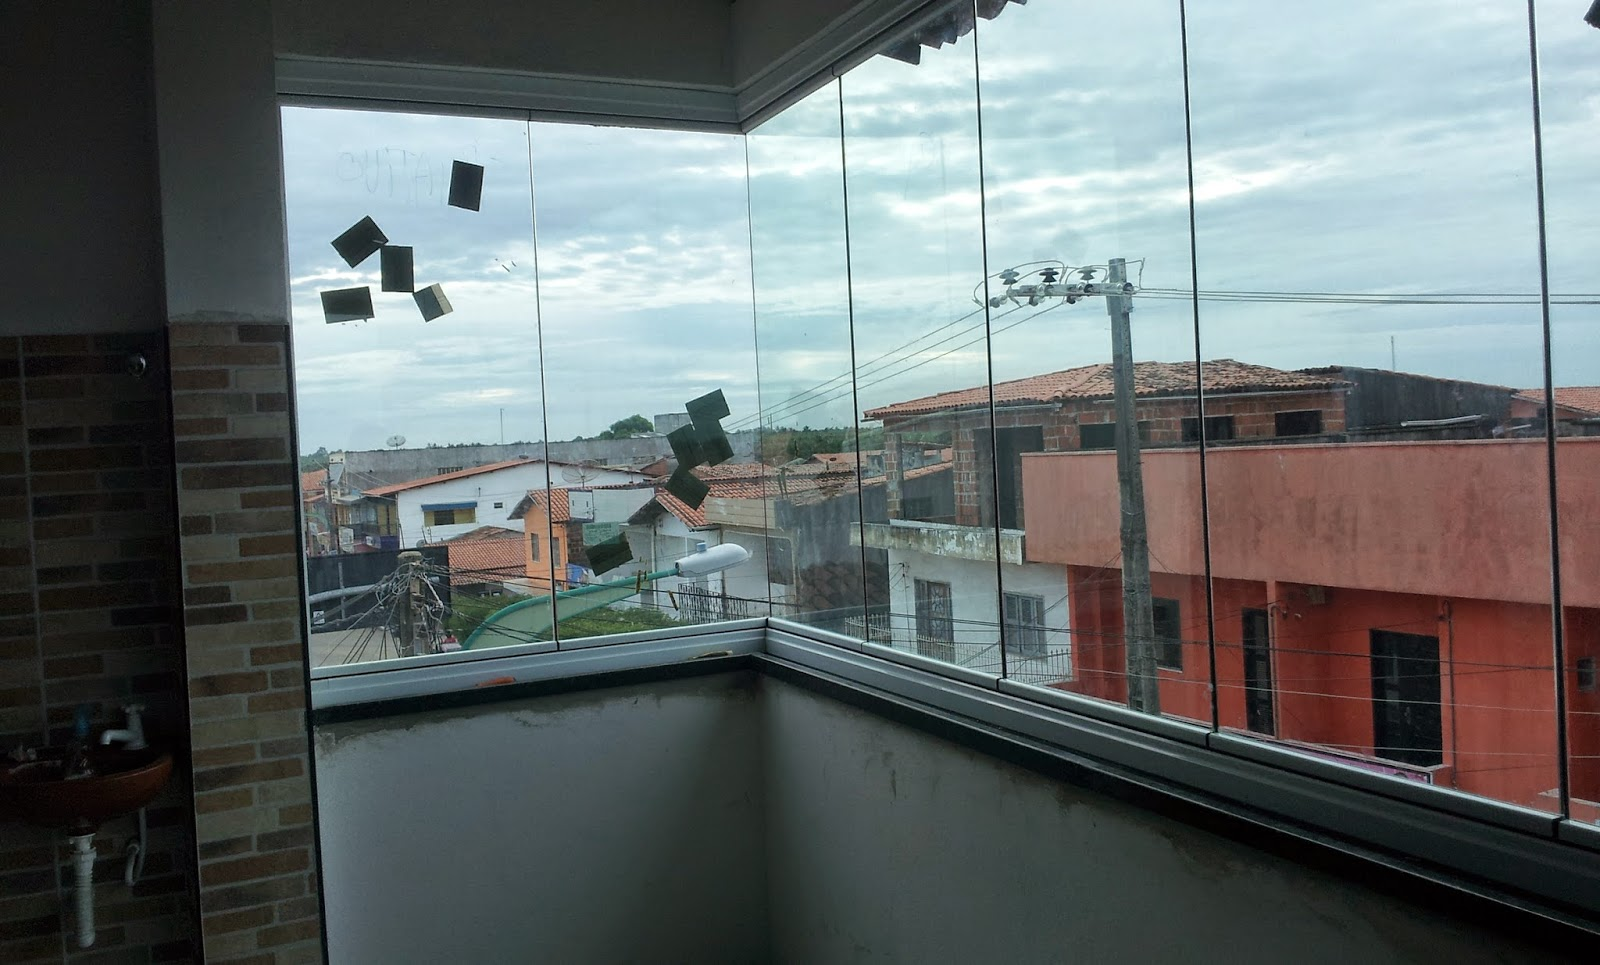 #417E8A Criativo Vidraçaria: Cortina de vidro em Fortaleza 92 Janelas De Vidro Em Fortaleza Ce